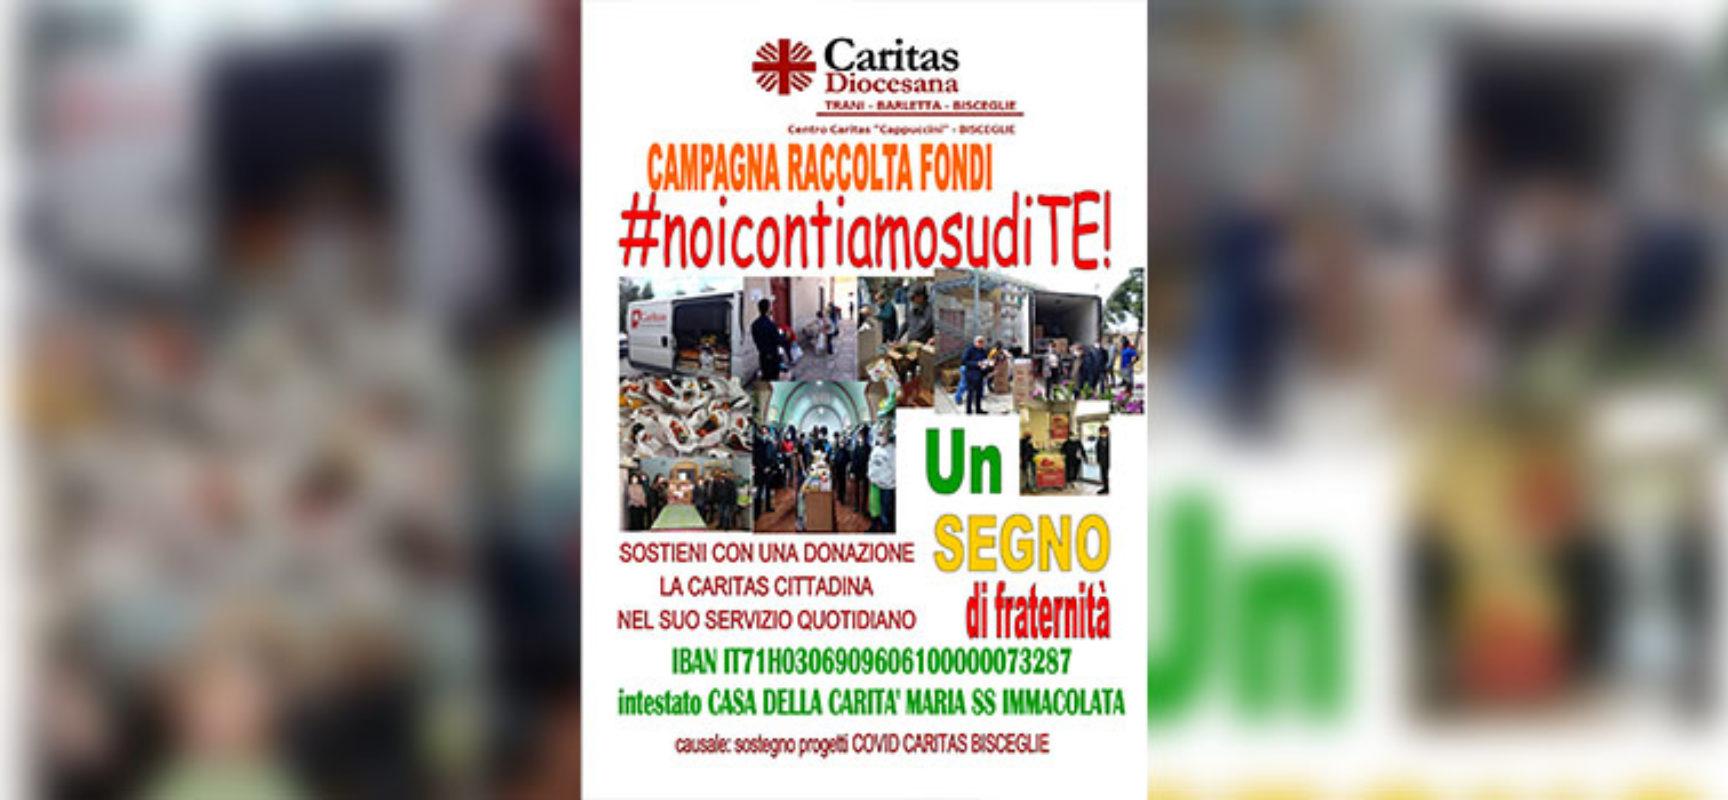 Caritas, cittadini chiamati a contribuire a raccolta fondi straordinaria